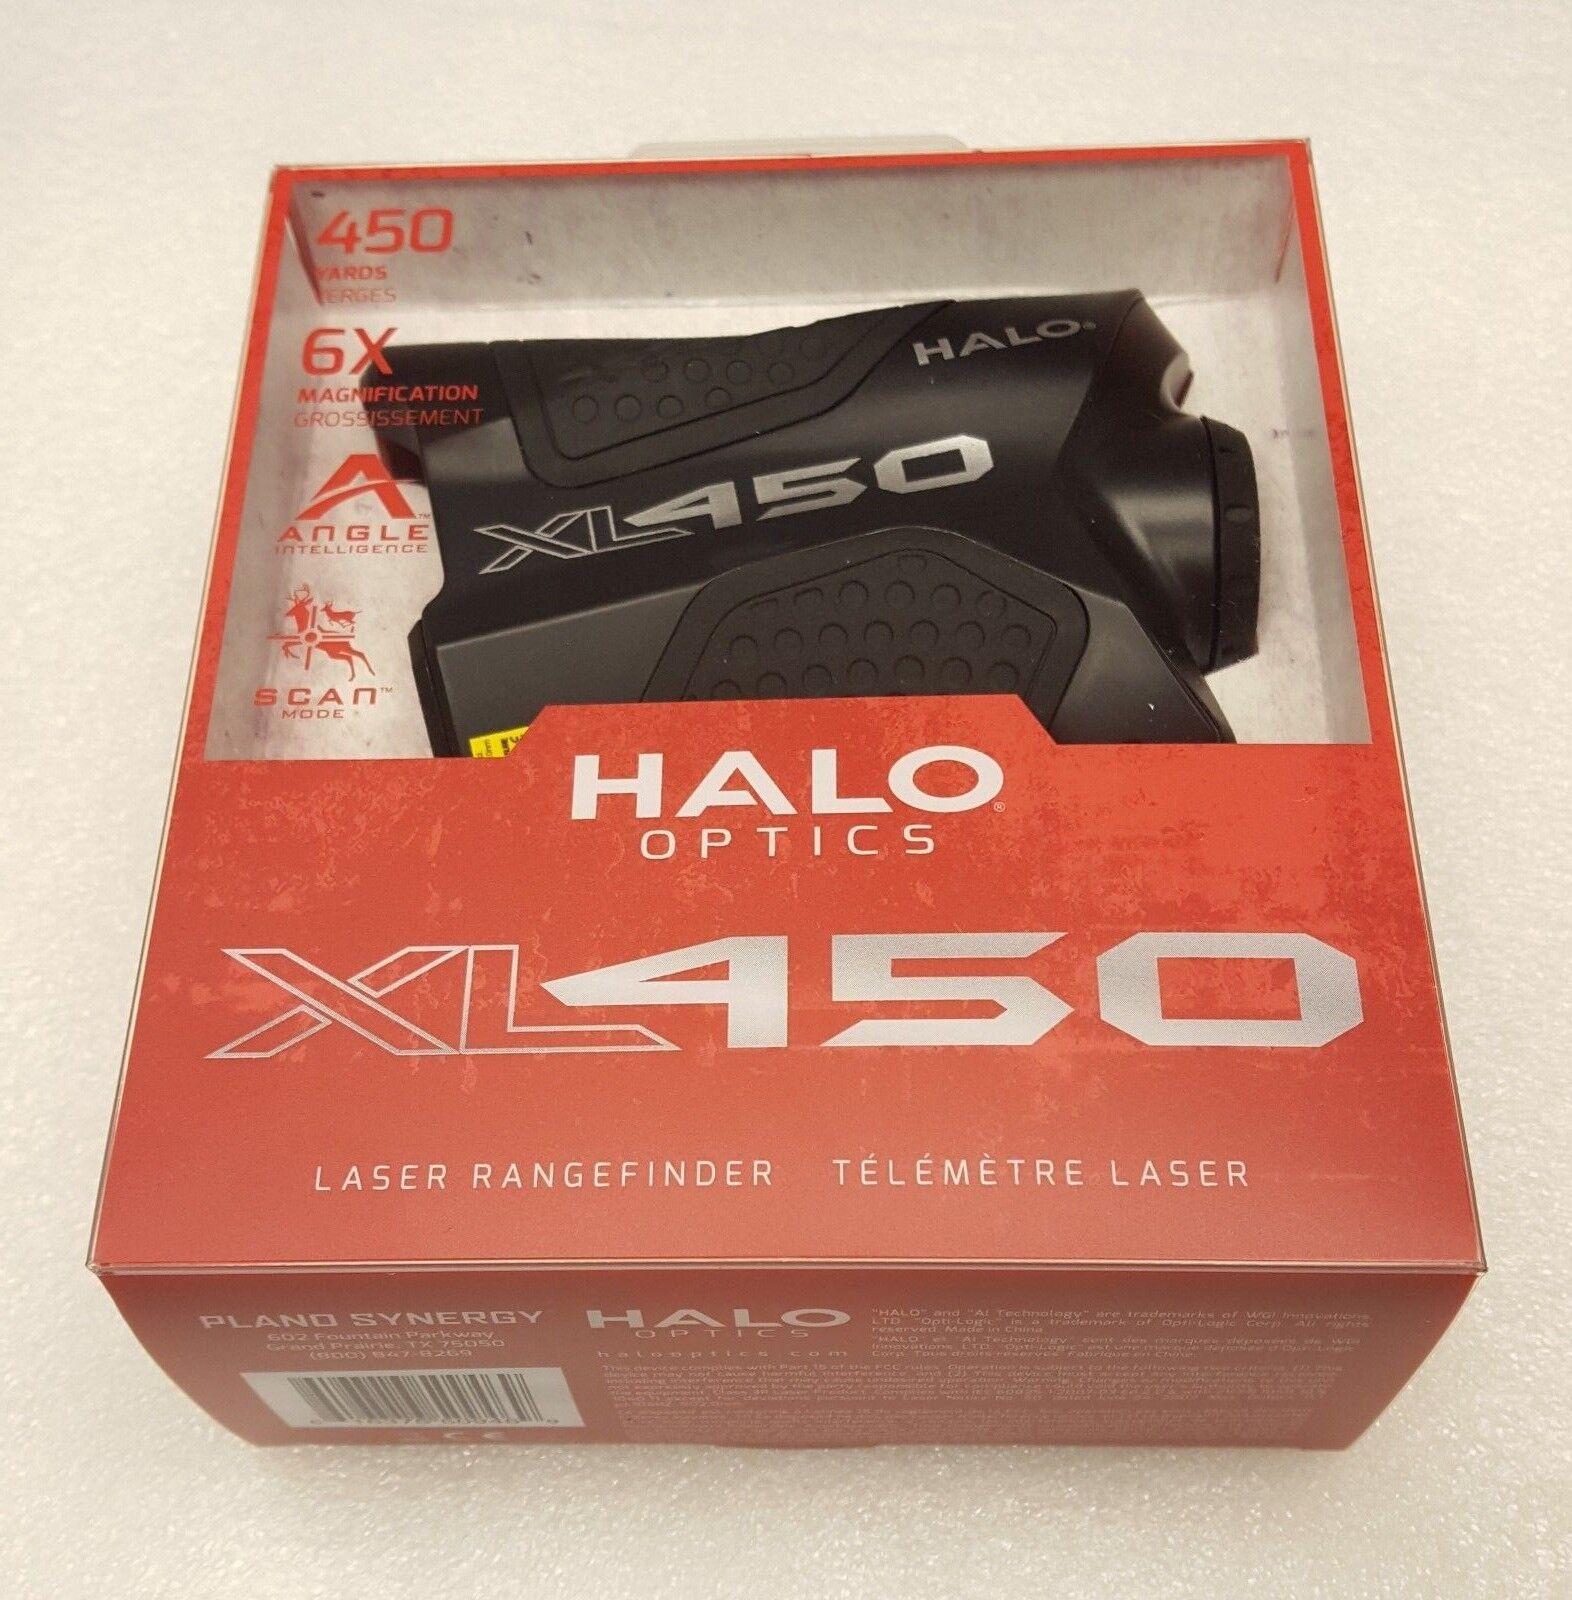 Halo Optics XL-450 6x 450 YD (approx. 411.48 m) Distanciómetro Láser-XL450-7